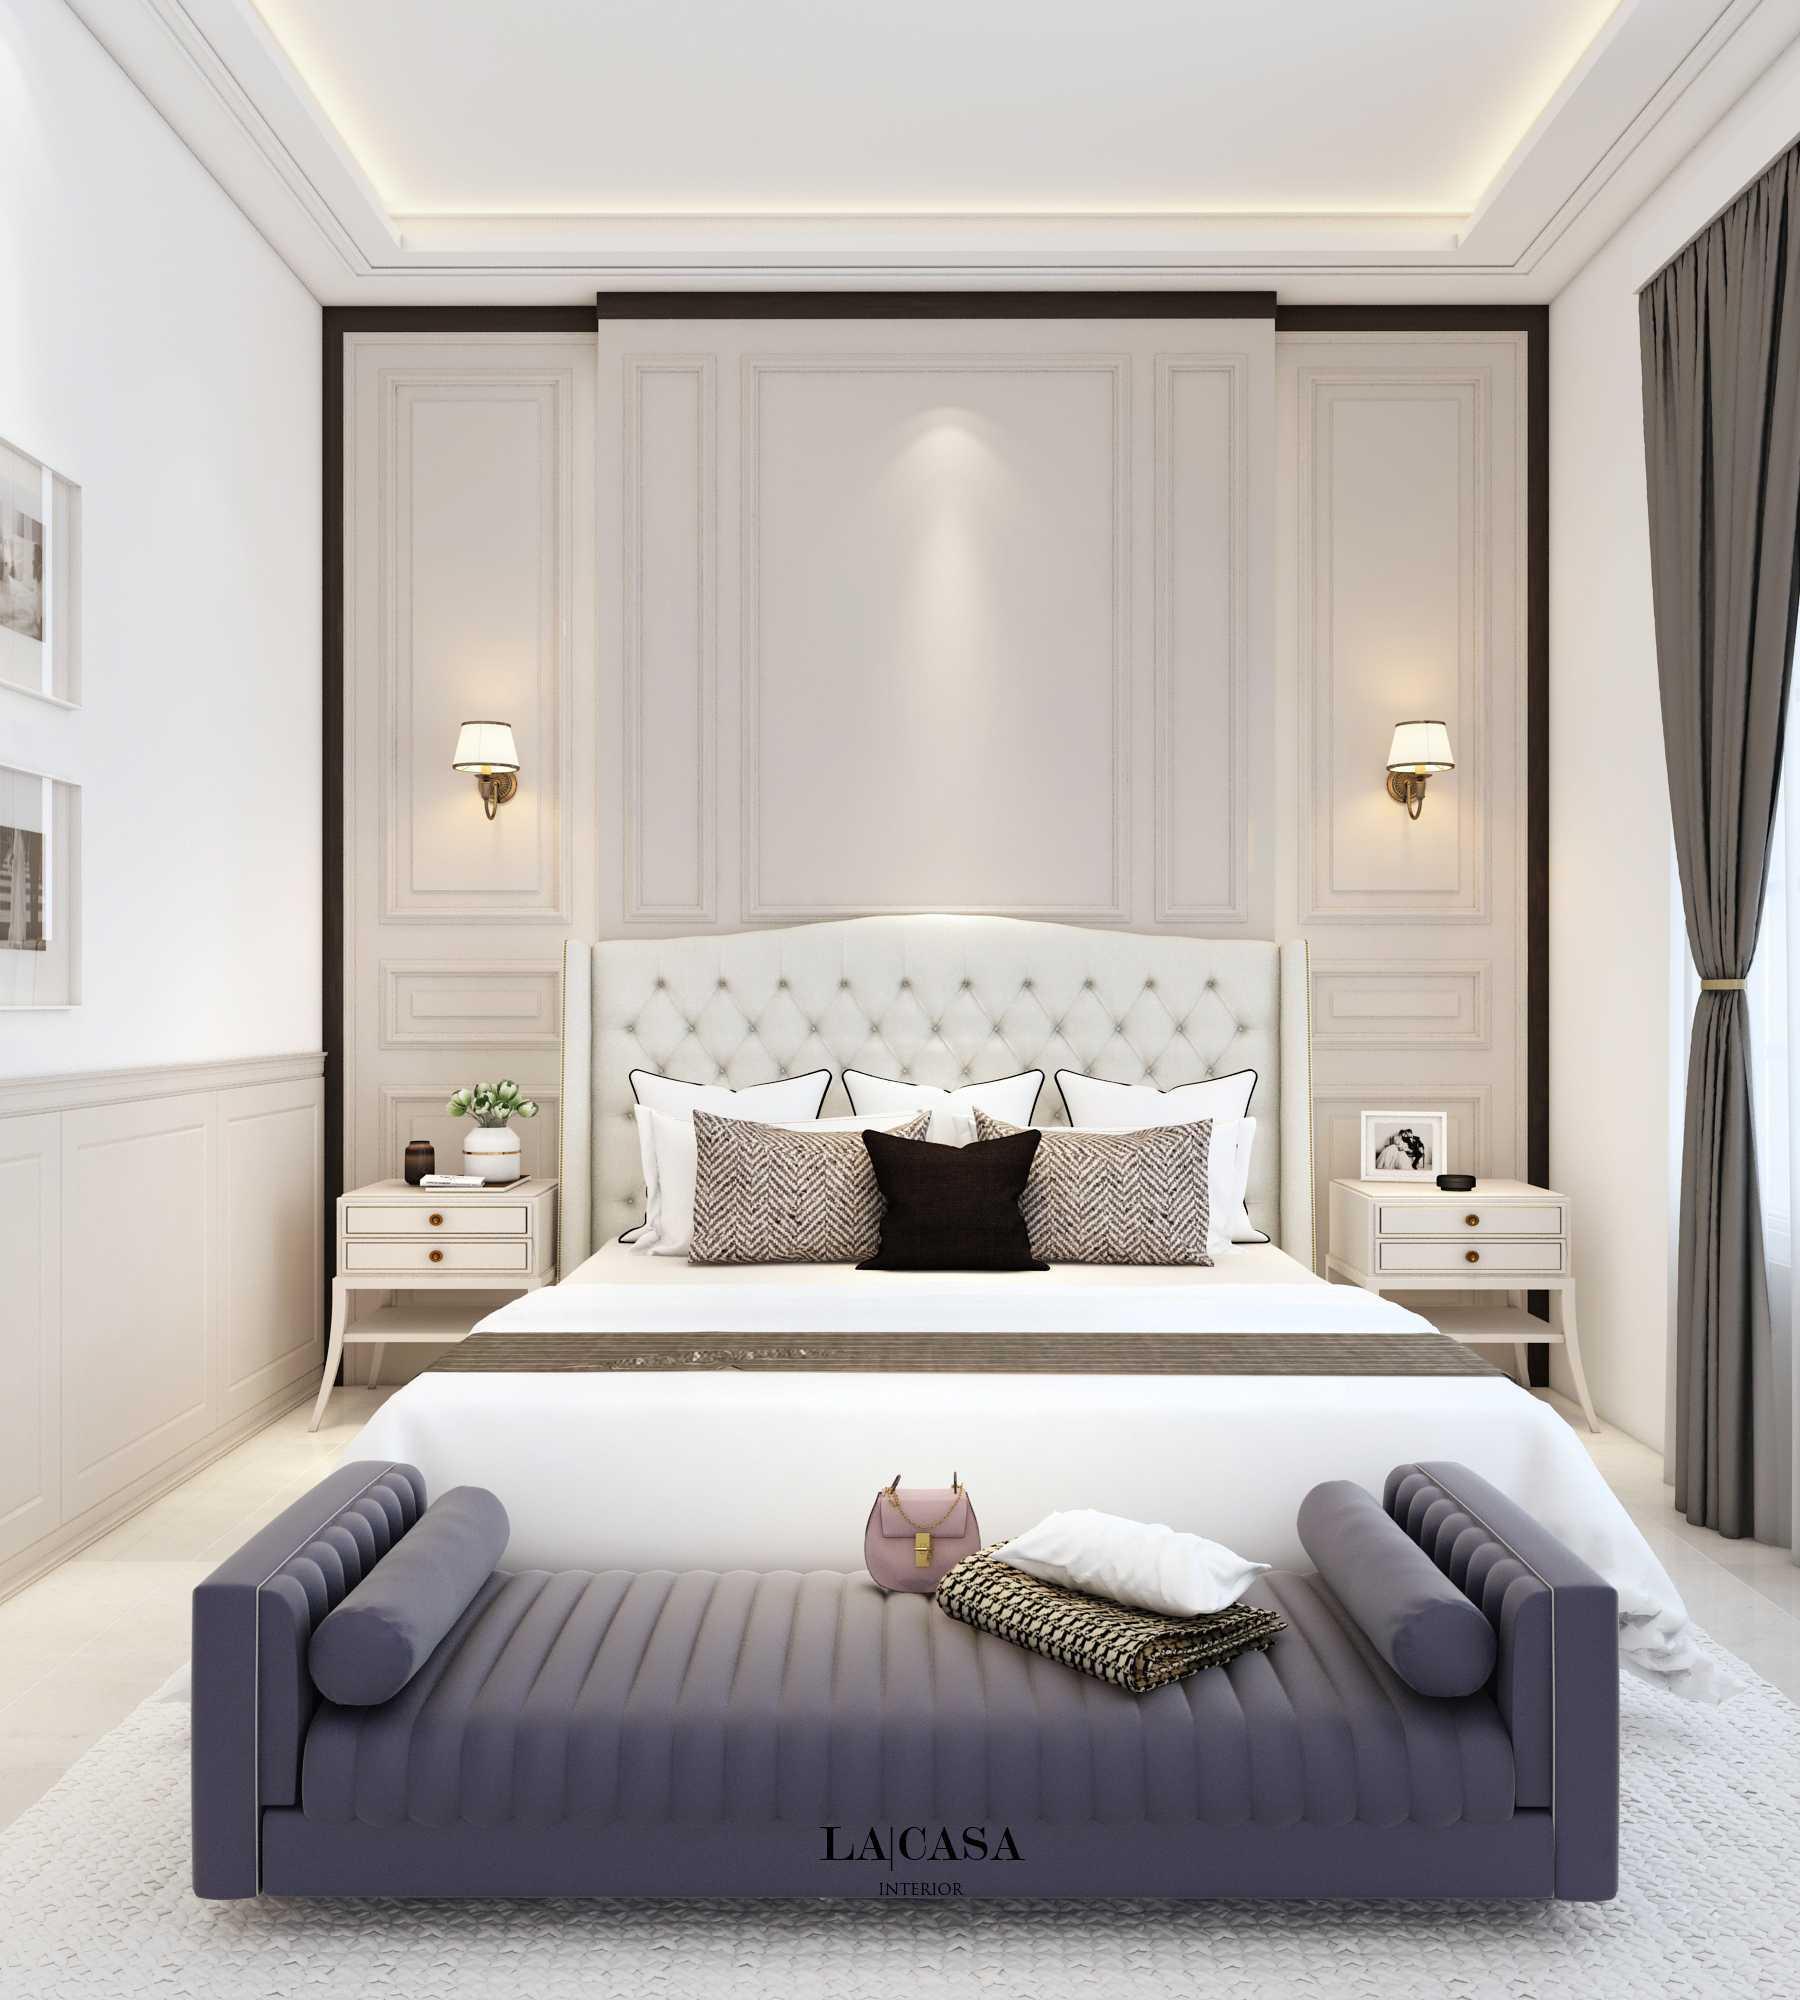 La.casa J's Bedroom Kota Medan, Sumatera Utara, Indonesia Kota Medan, Sumatera Utara, Indonesia Bedroom Victorian,modern  38241